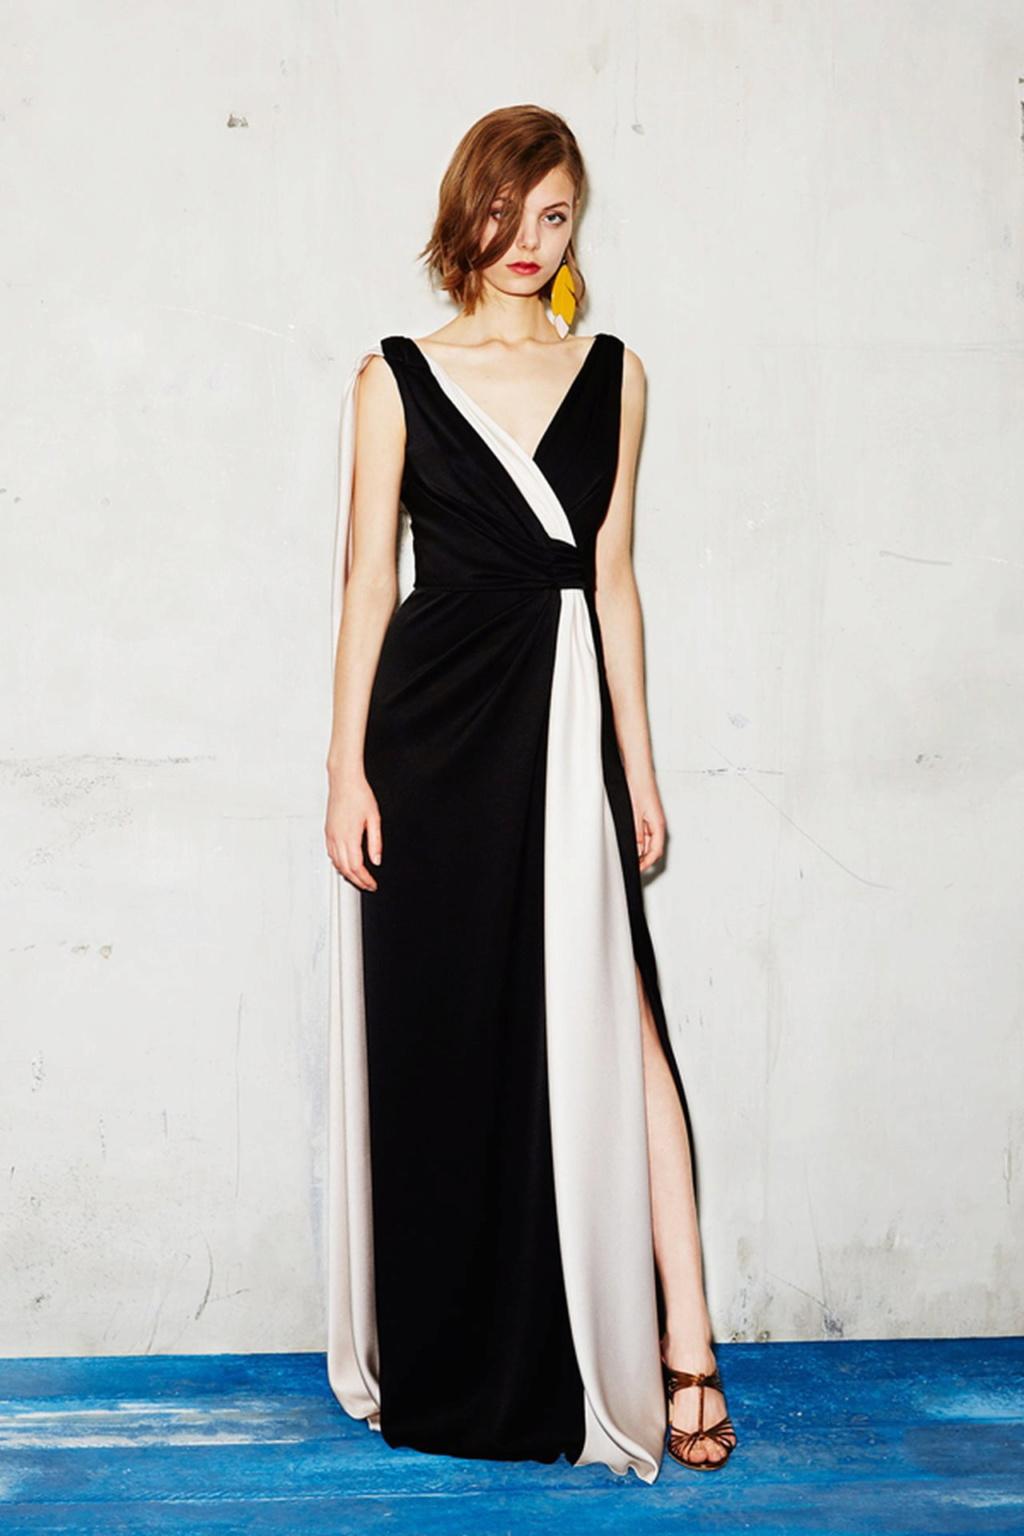 أناقة وموضة أزياء وملابس 11952510